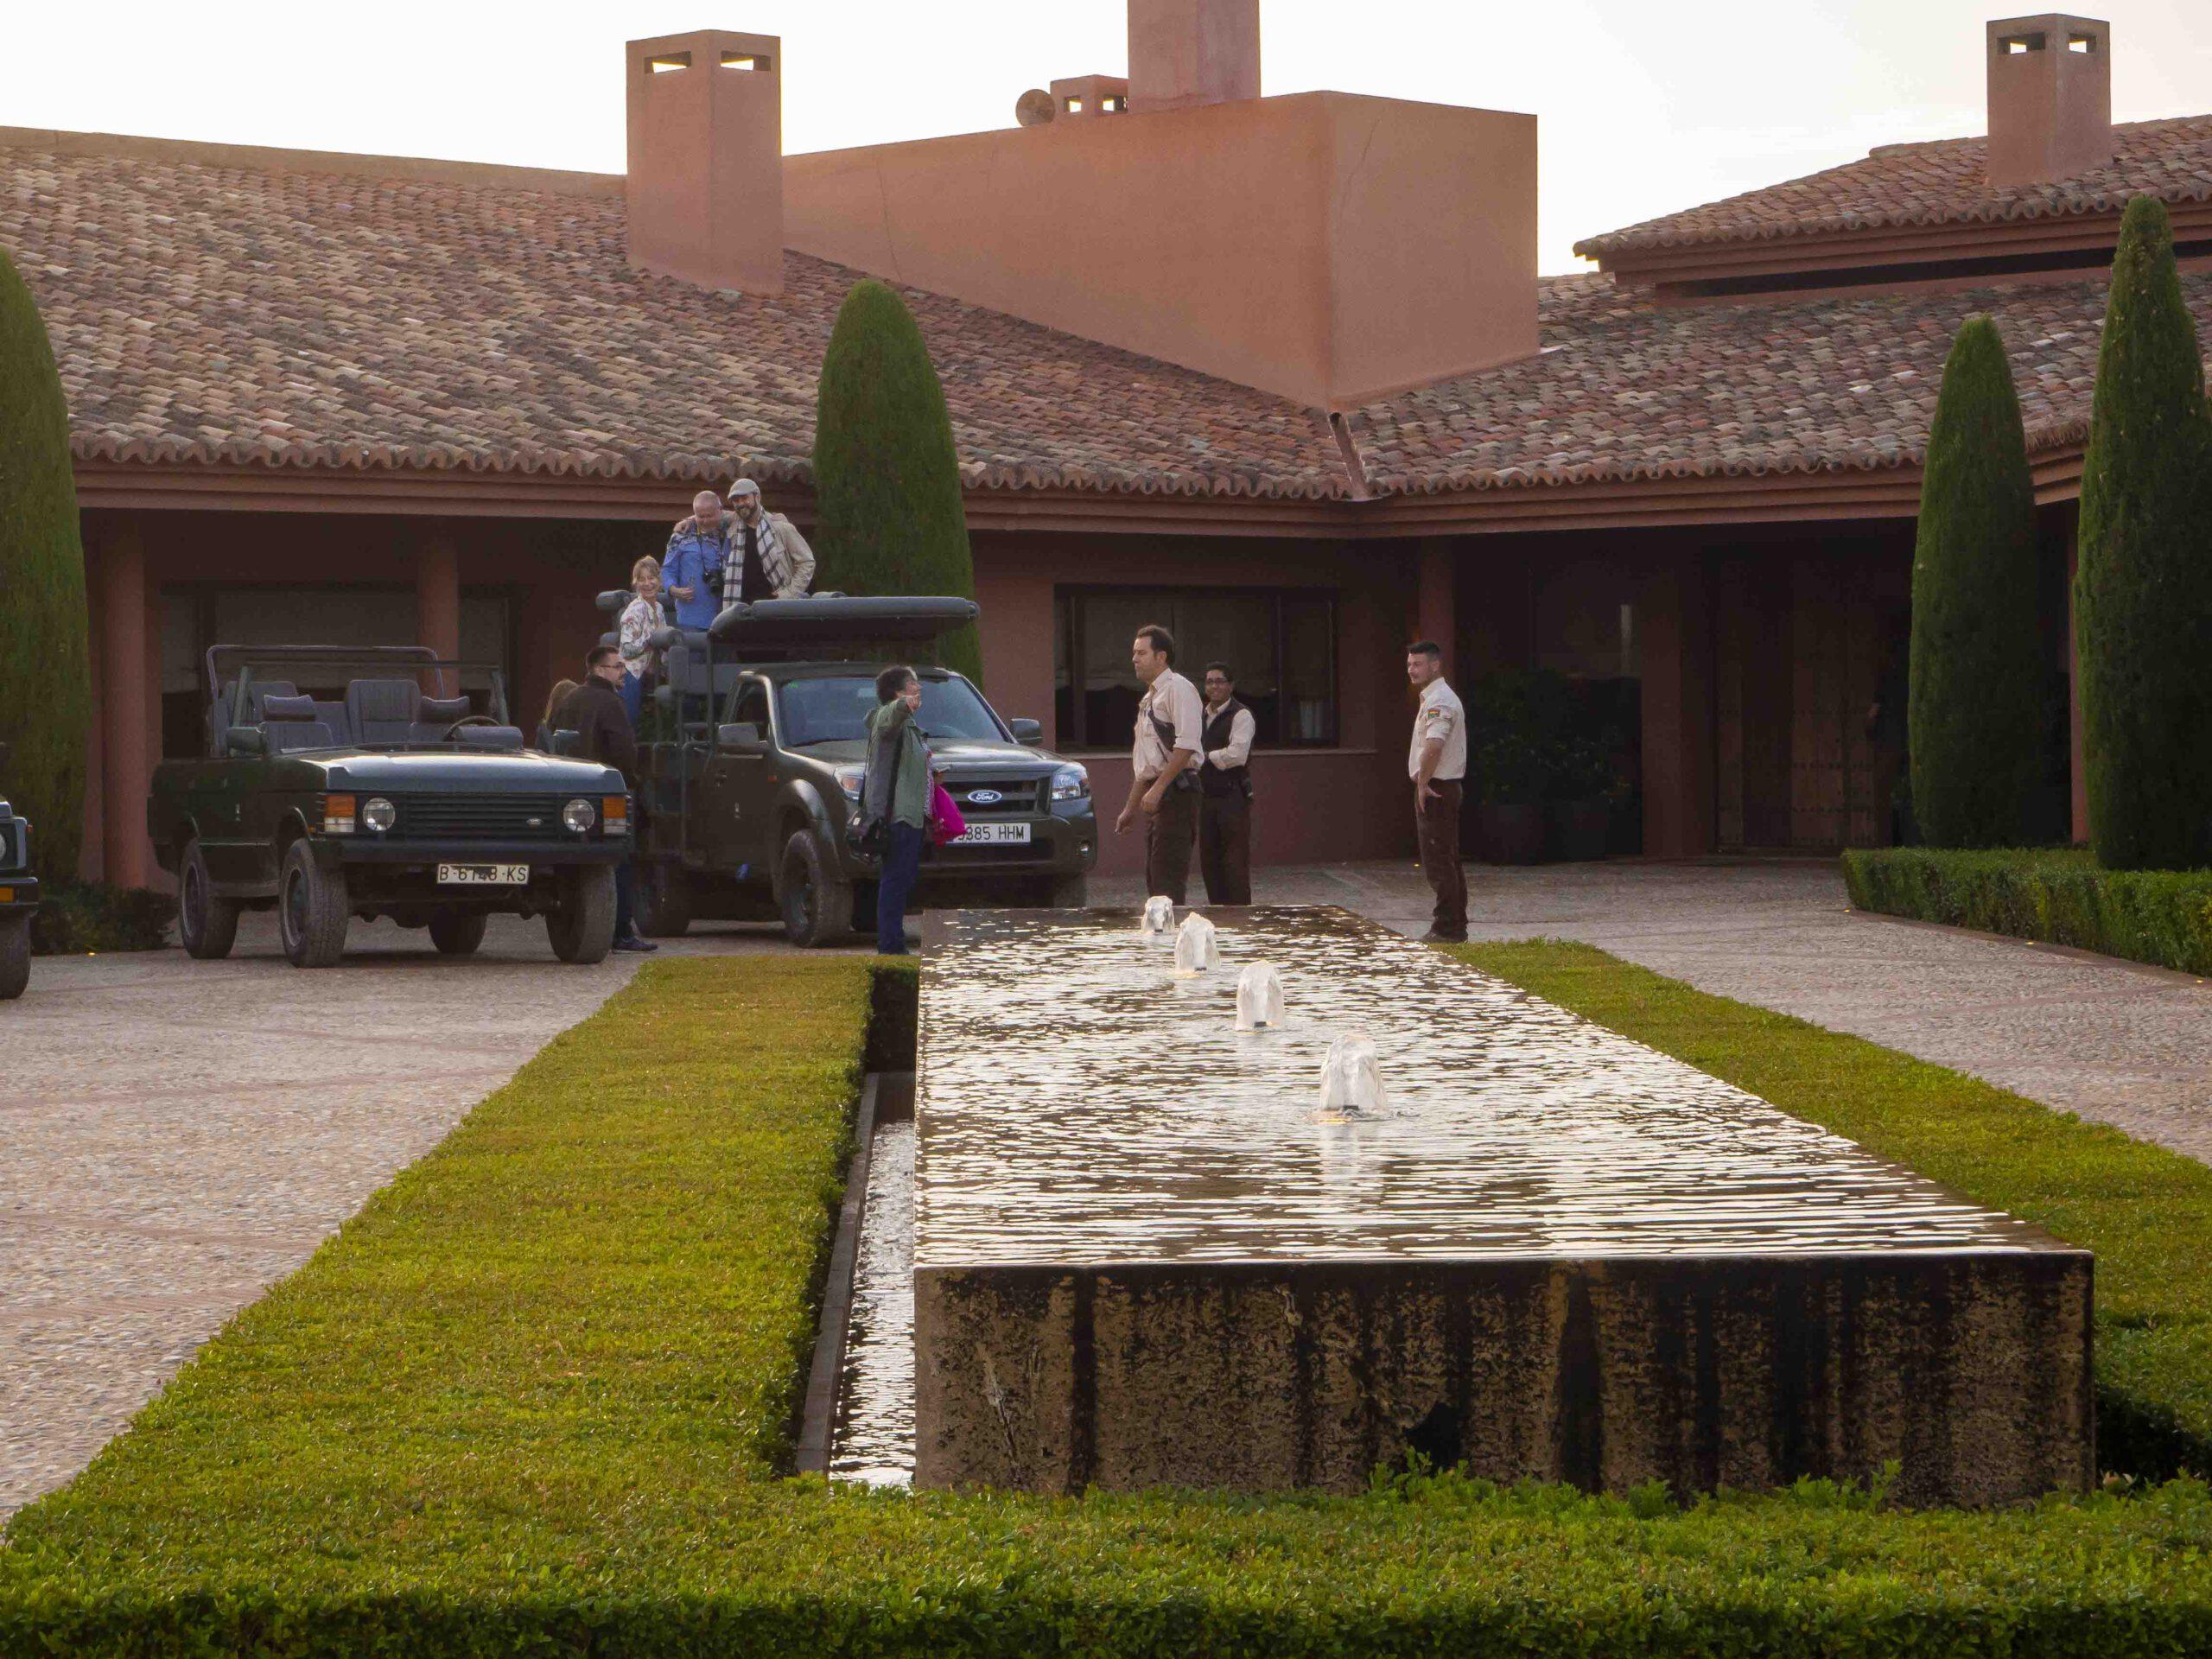 Entrada de la casa con los vehículos para los safaris